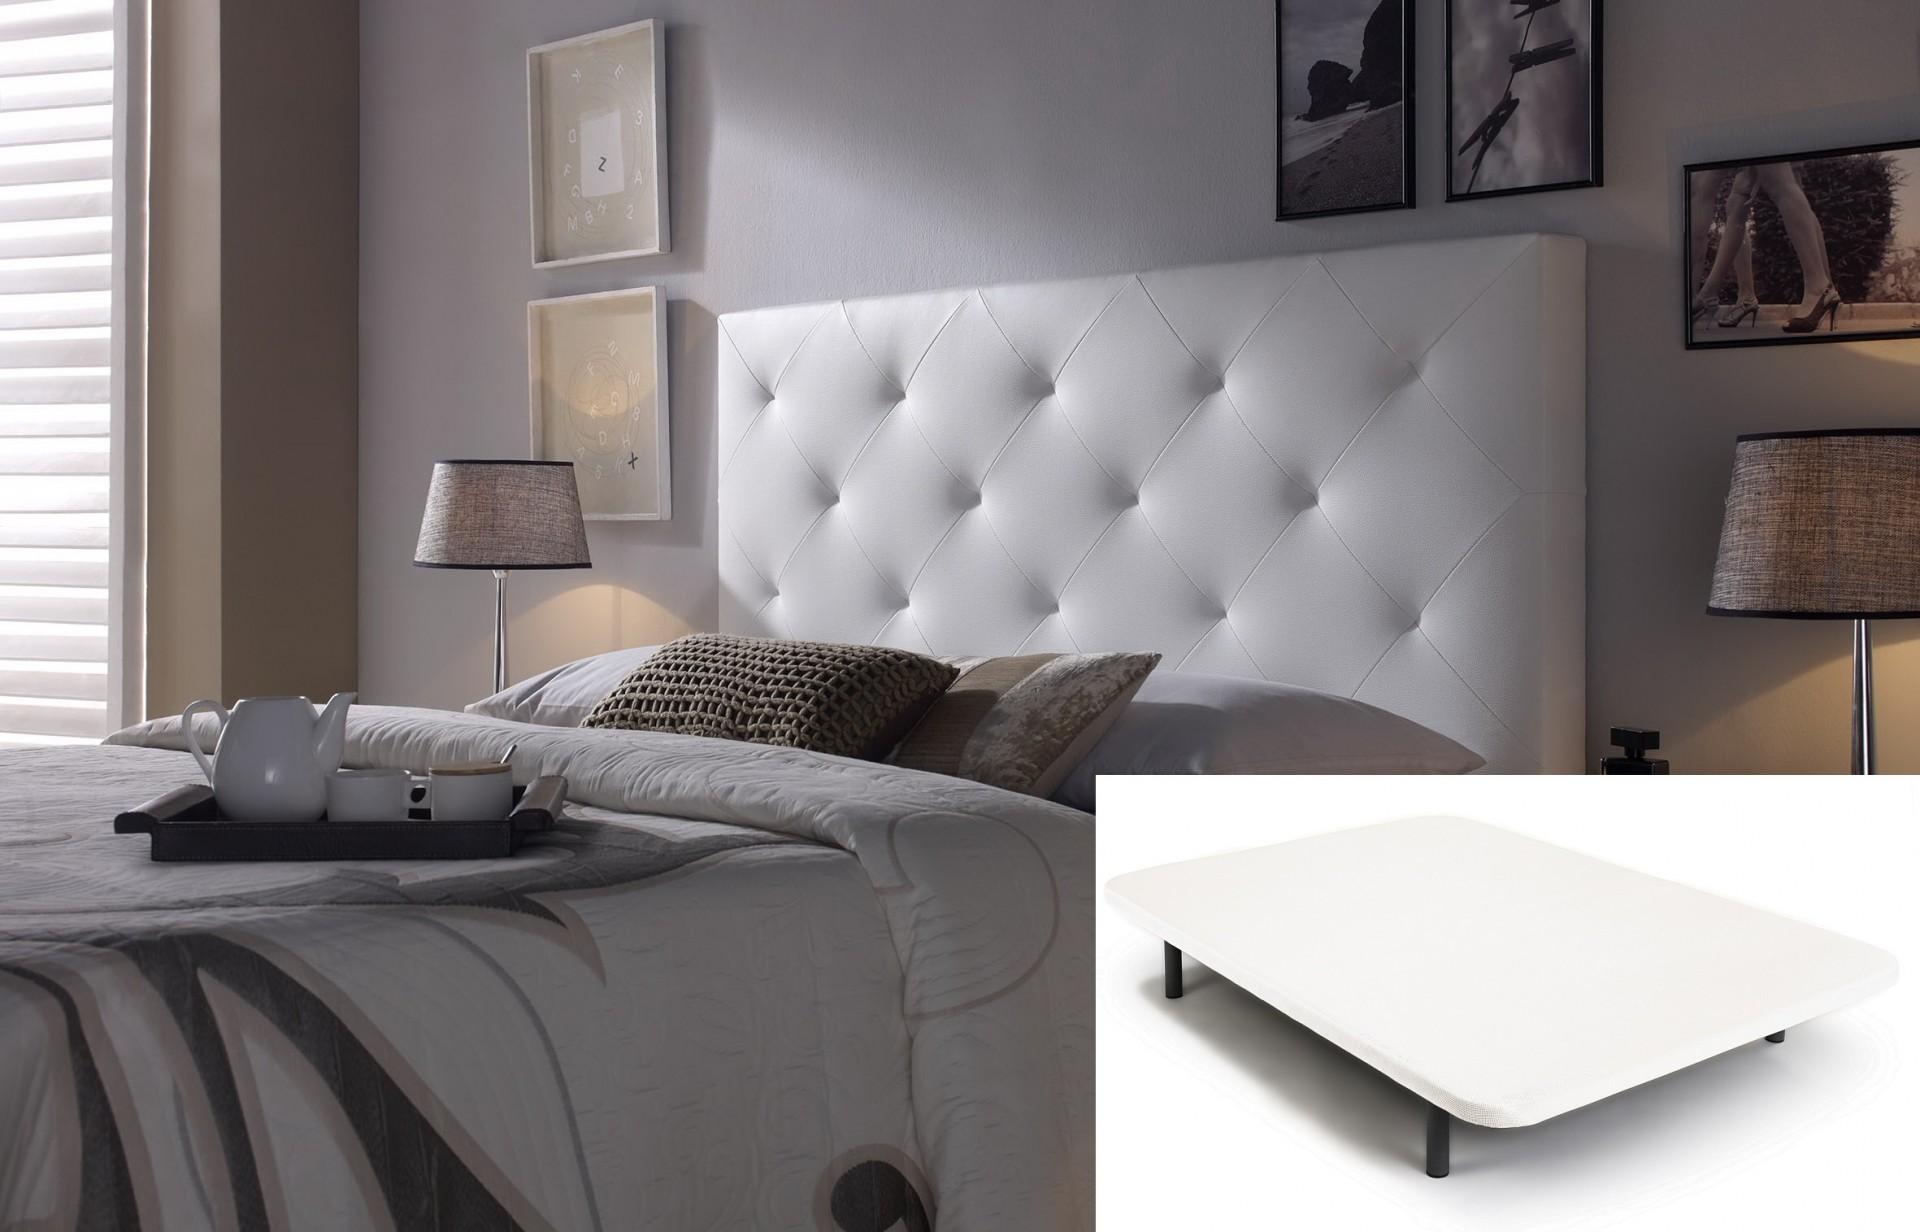 Cama Tapi + Cabeceira de cama - disponível em 3 cores e 6 medidas